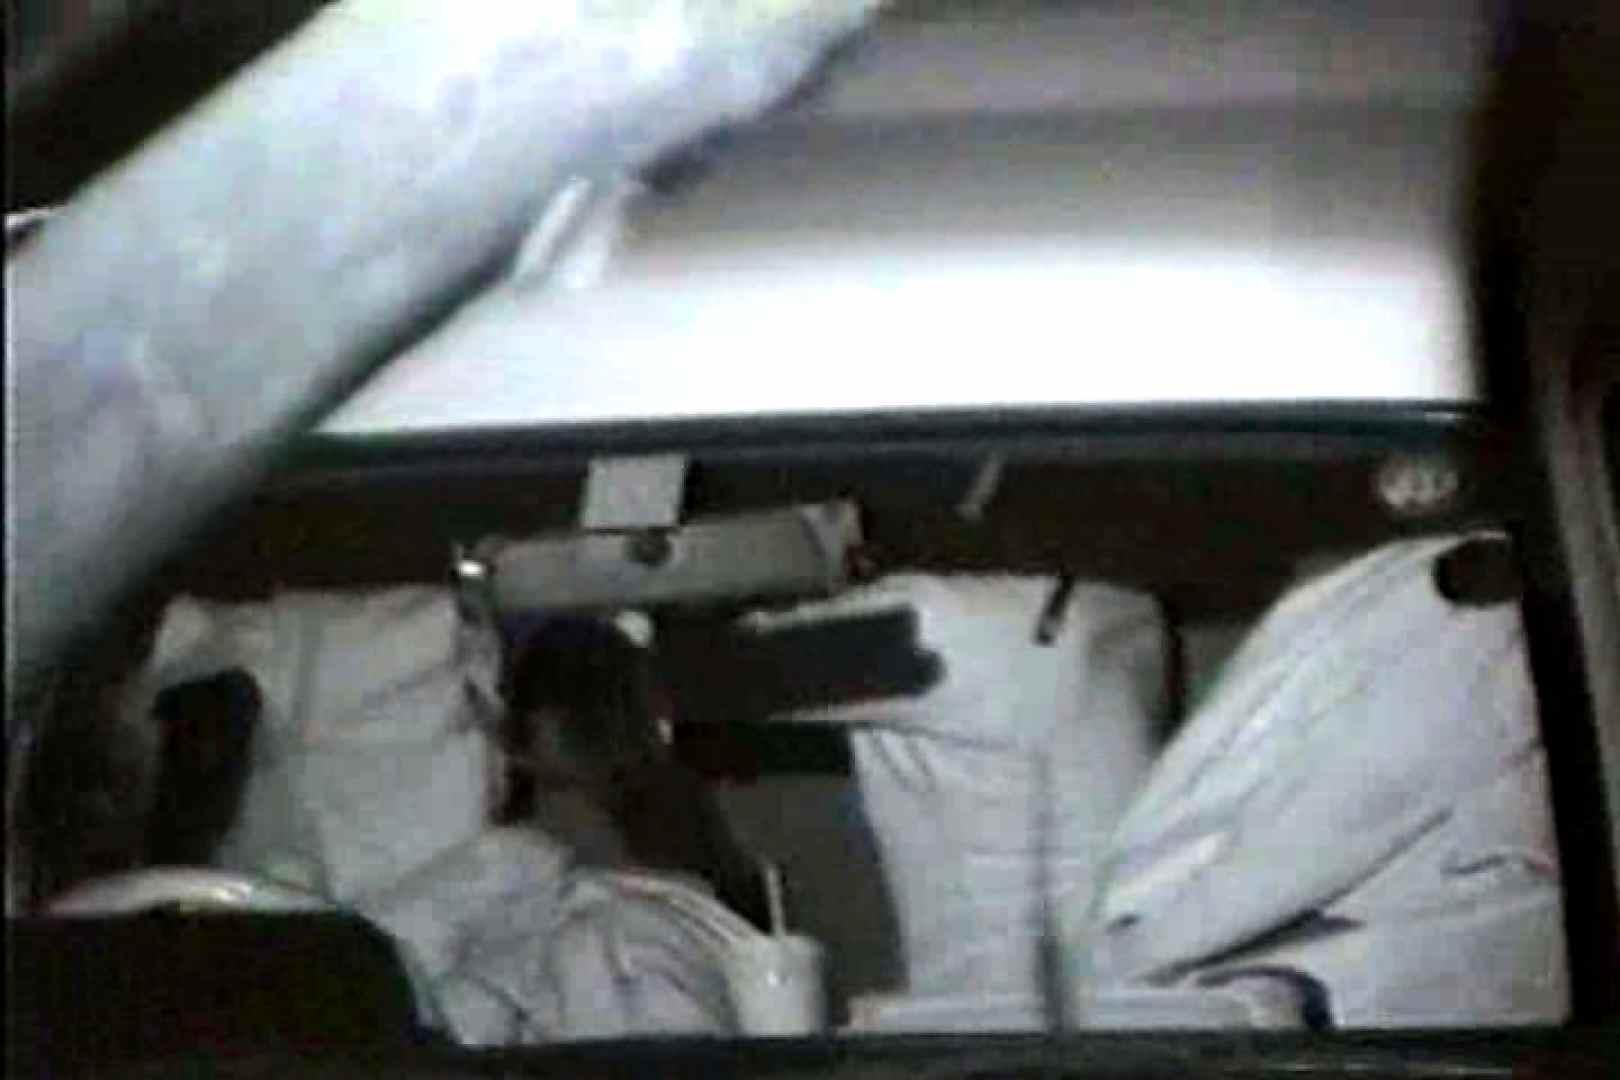 車の中はラブホテル 無修正版  Vol.8 OLヌード天国 ヌード画像 102PIX 58